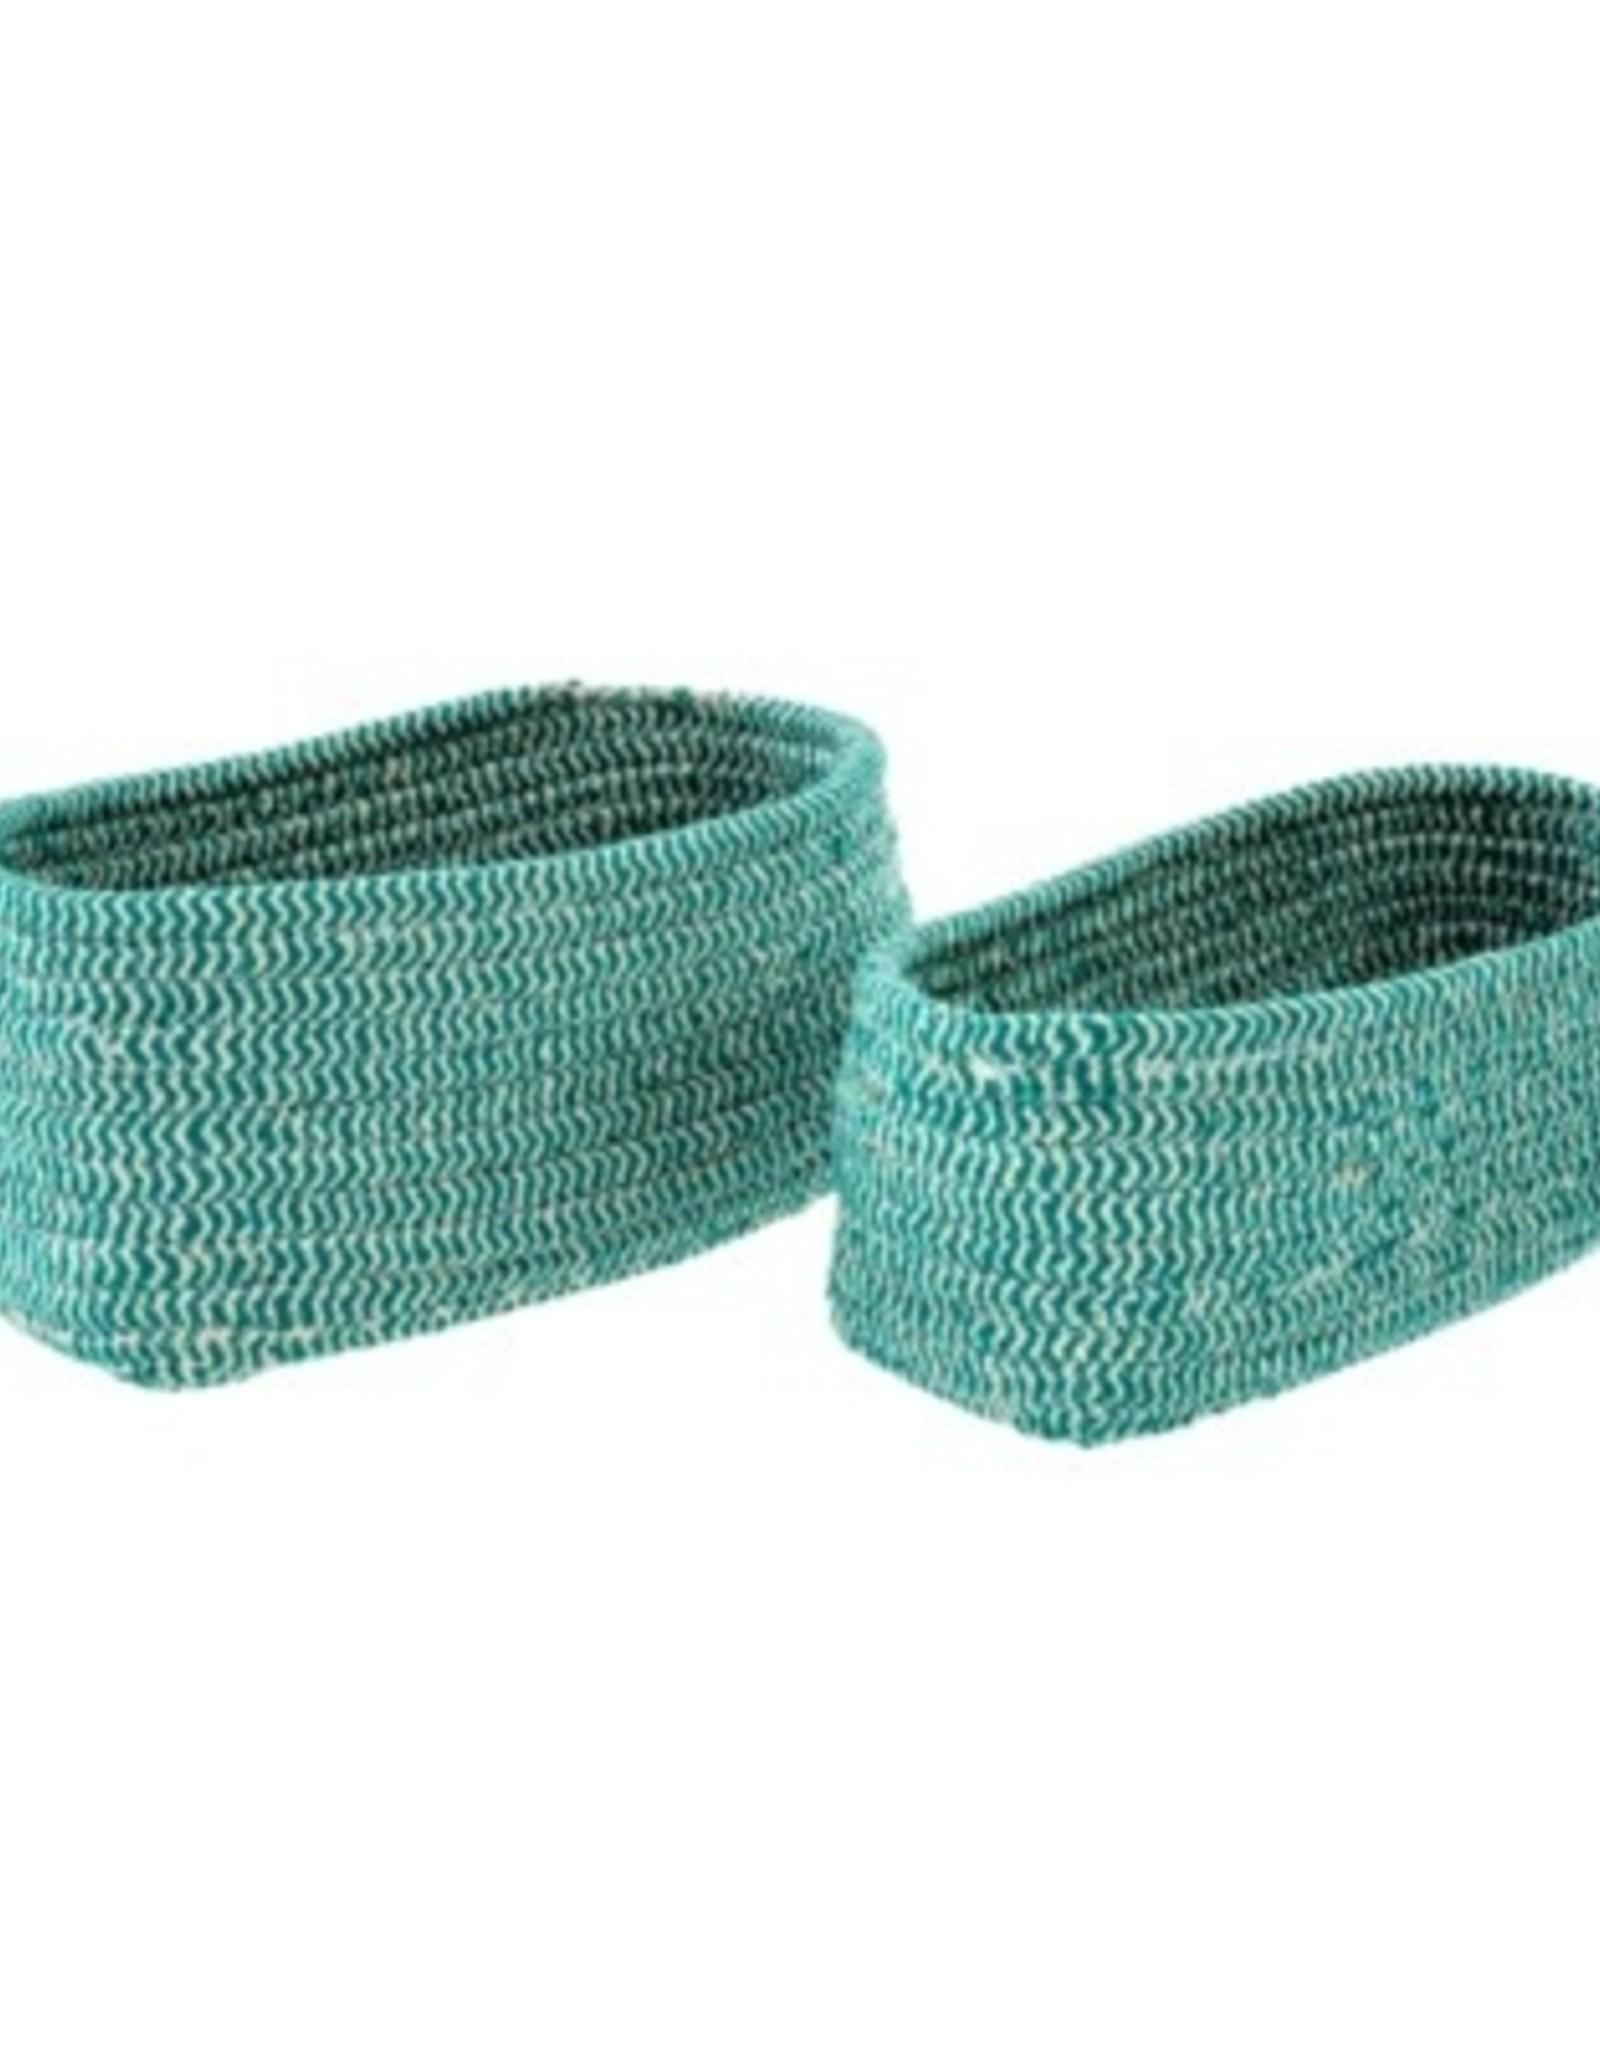 Indaba Basket Indaba Turquoise Twine Large Oval